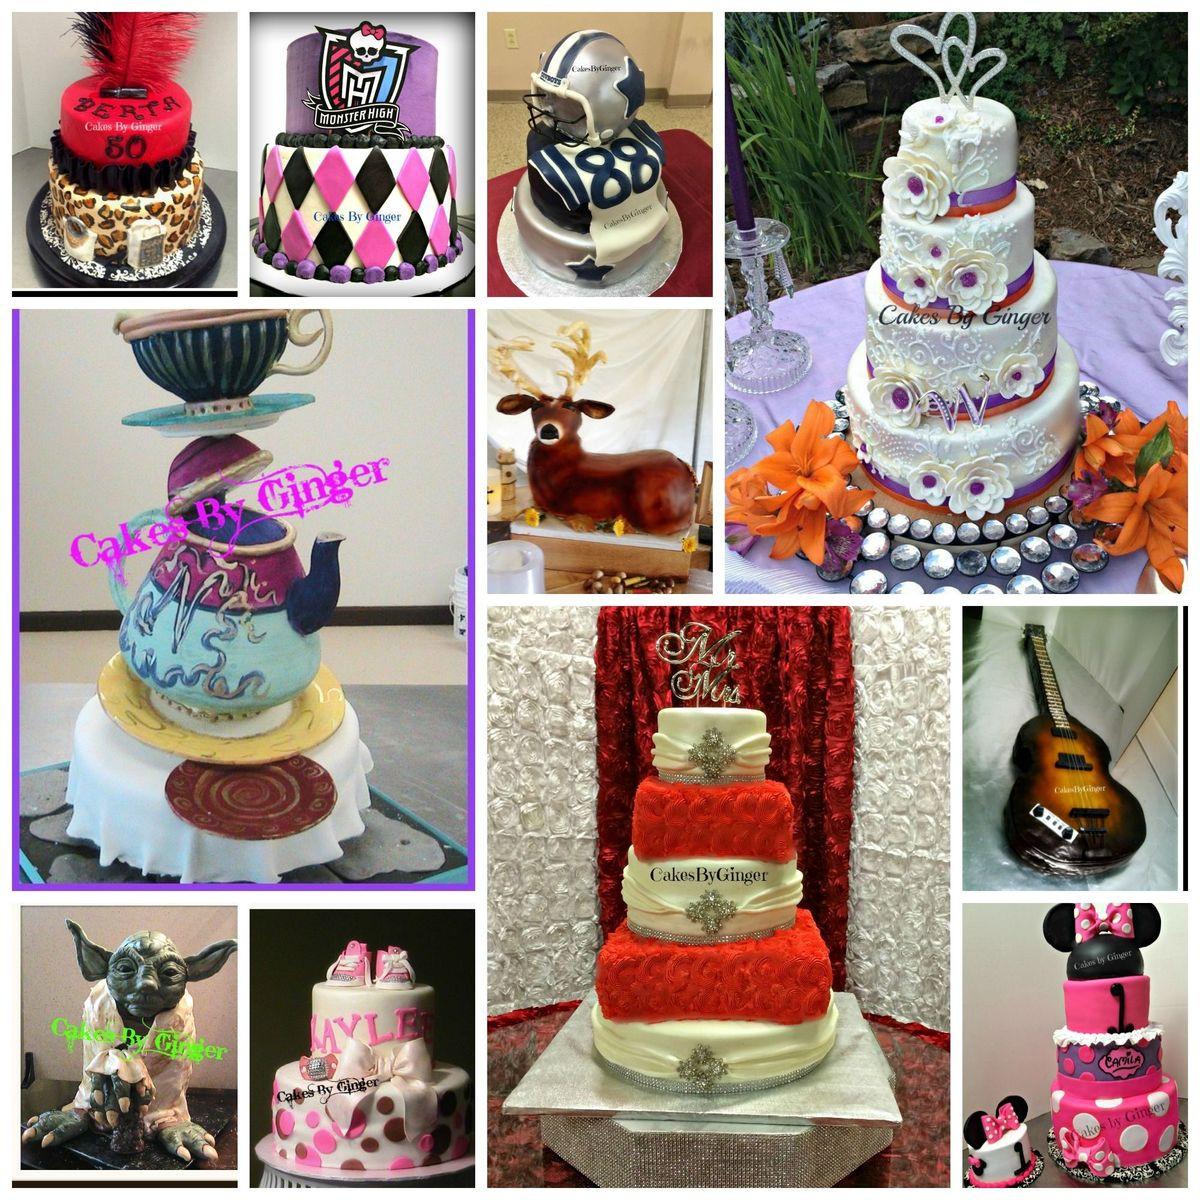 Wedding Cakes Jackson Tn  Cakes by Ginger Wedding Cake Jonesboro AR WeddingWire